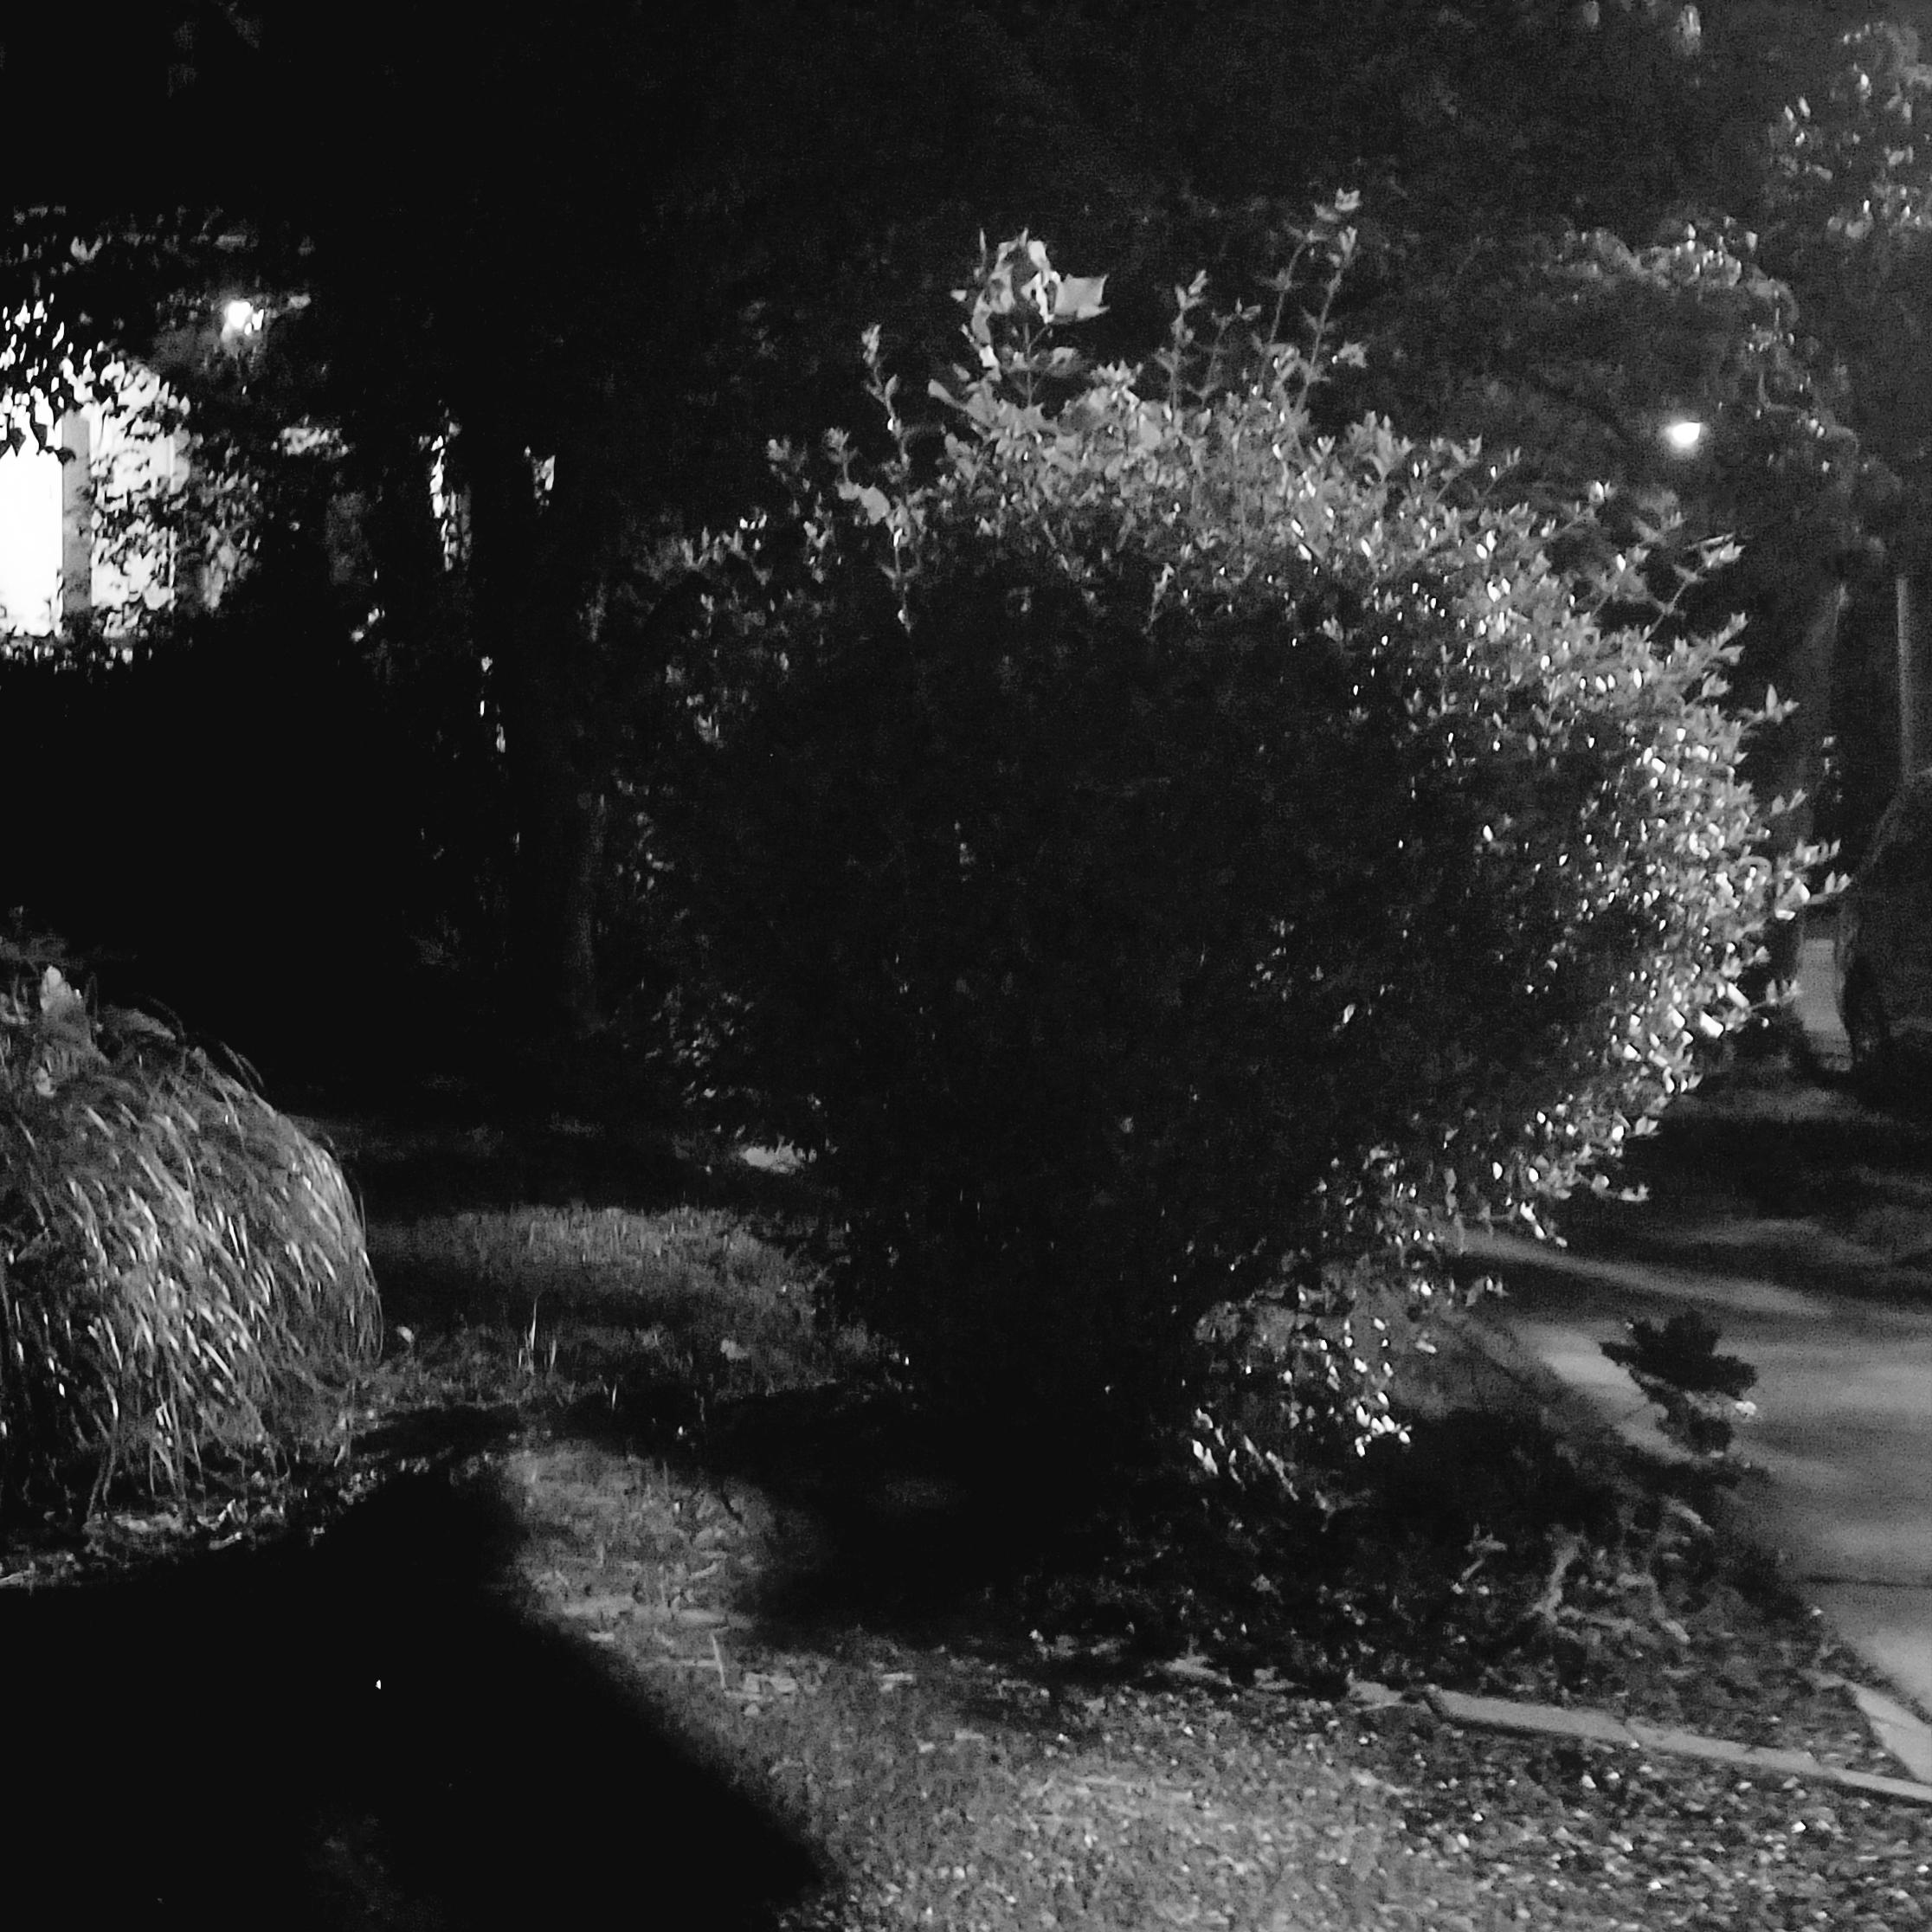 Spring Night, Patton Avenue